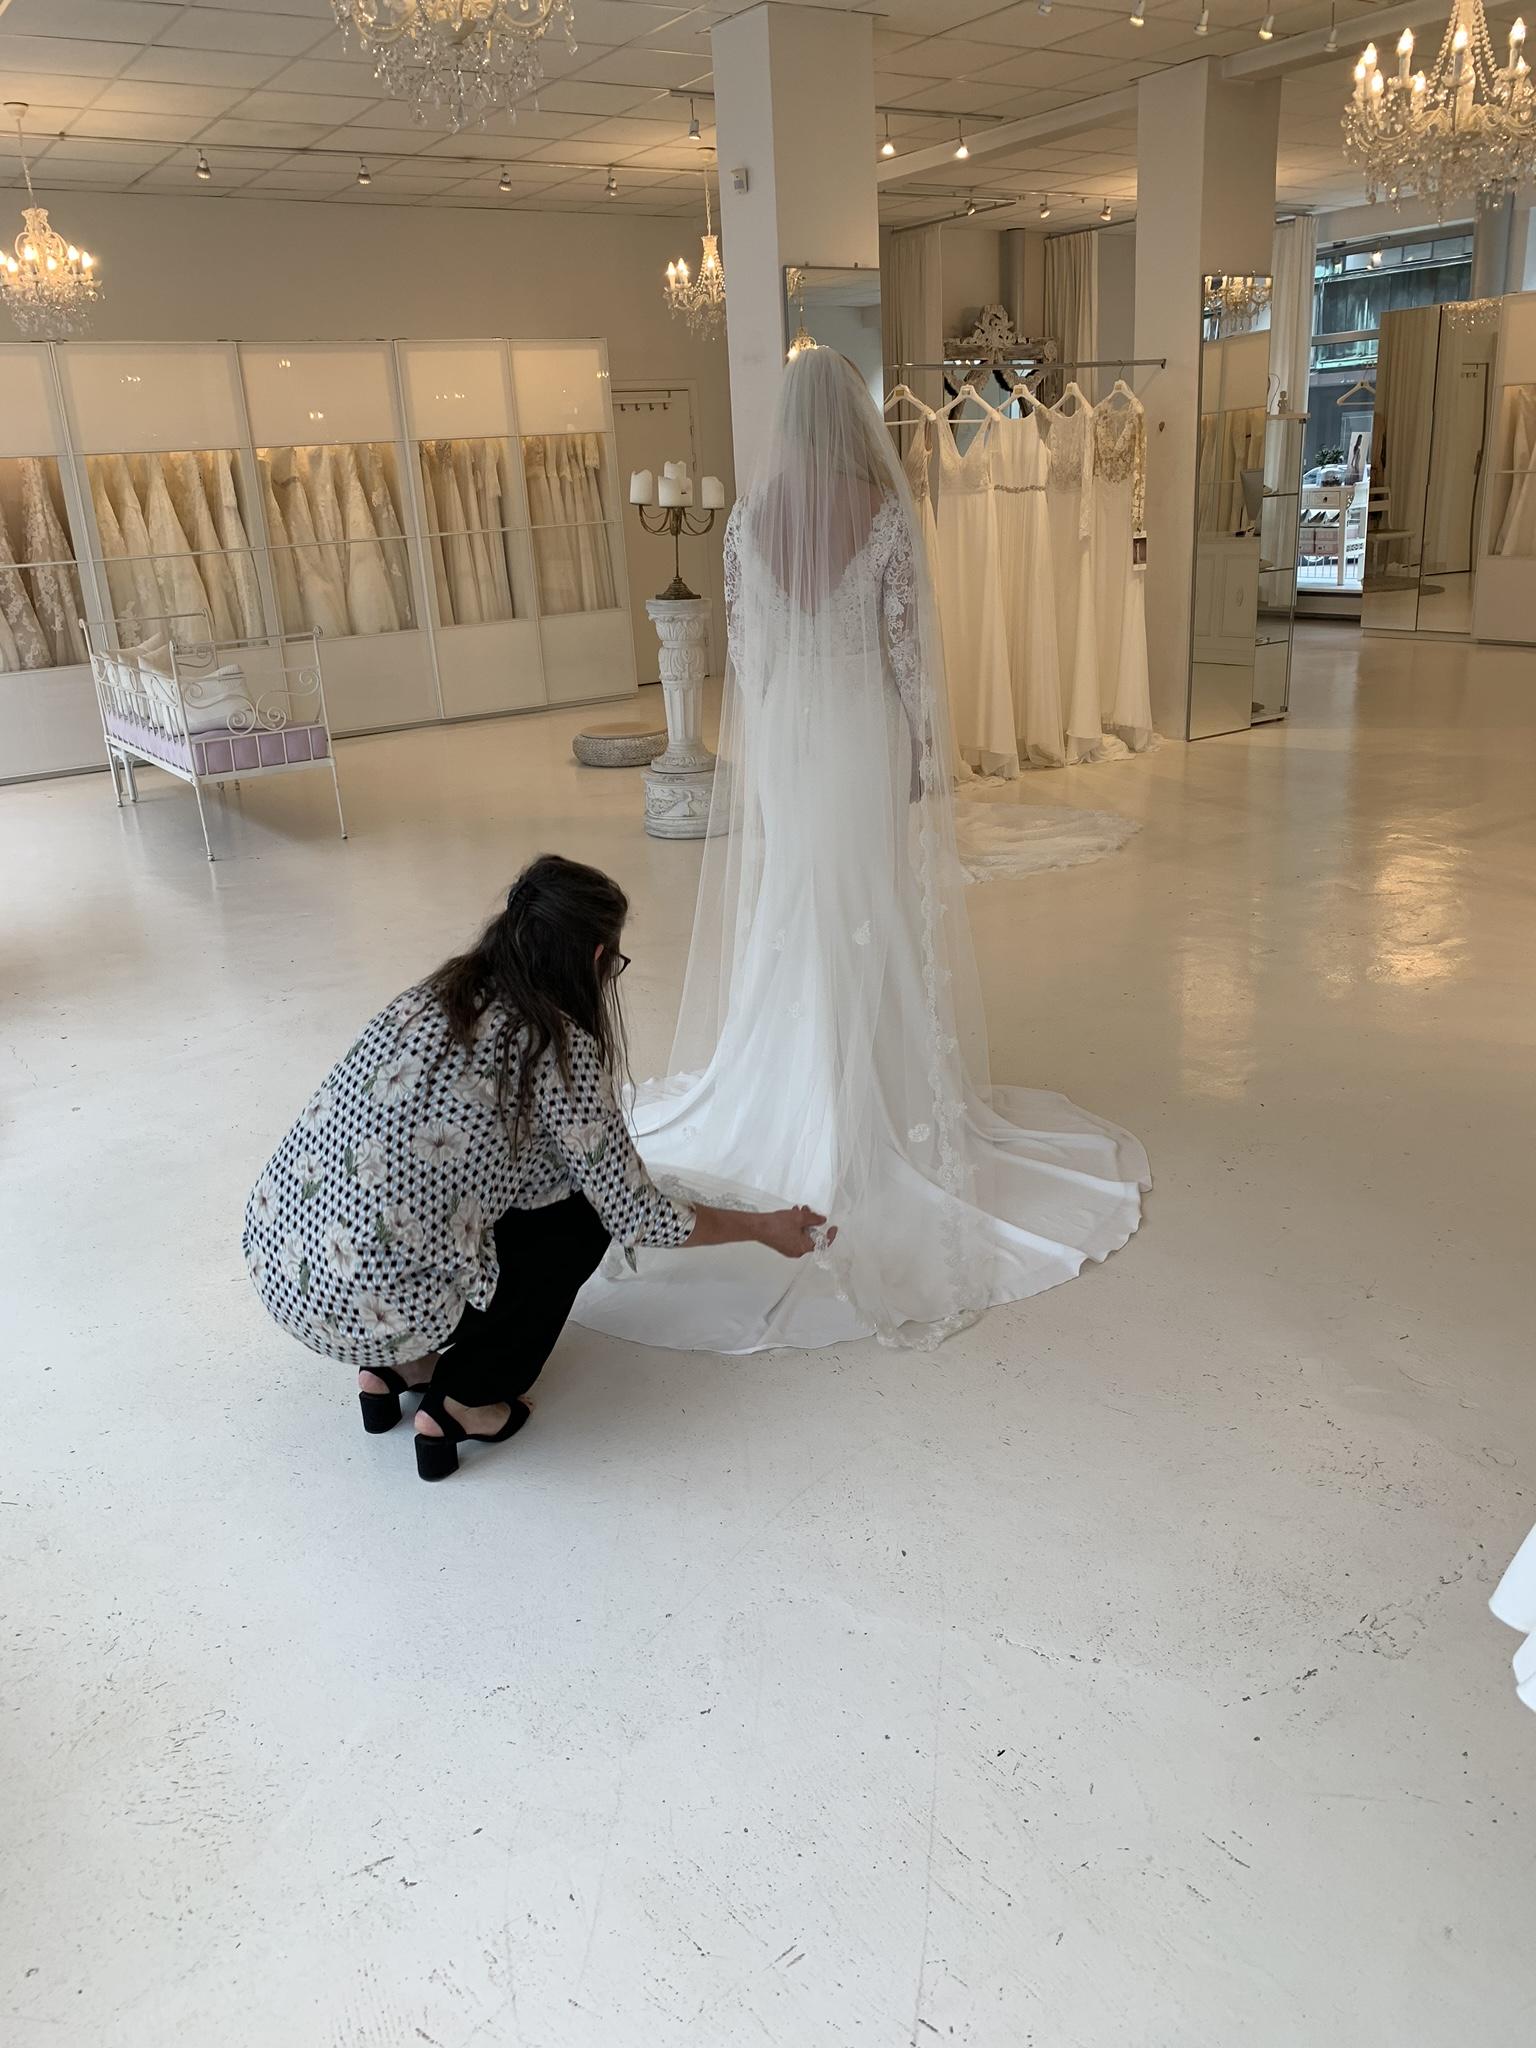 ed002d79 Du bliver henvist til dit eget prøveområde med naturligt lysindfald og med  stort spejl. Vi tager udgangspunkt i rammerne for dit bryllup, og kommer  med gode ...